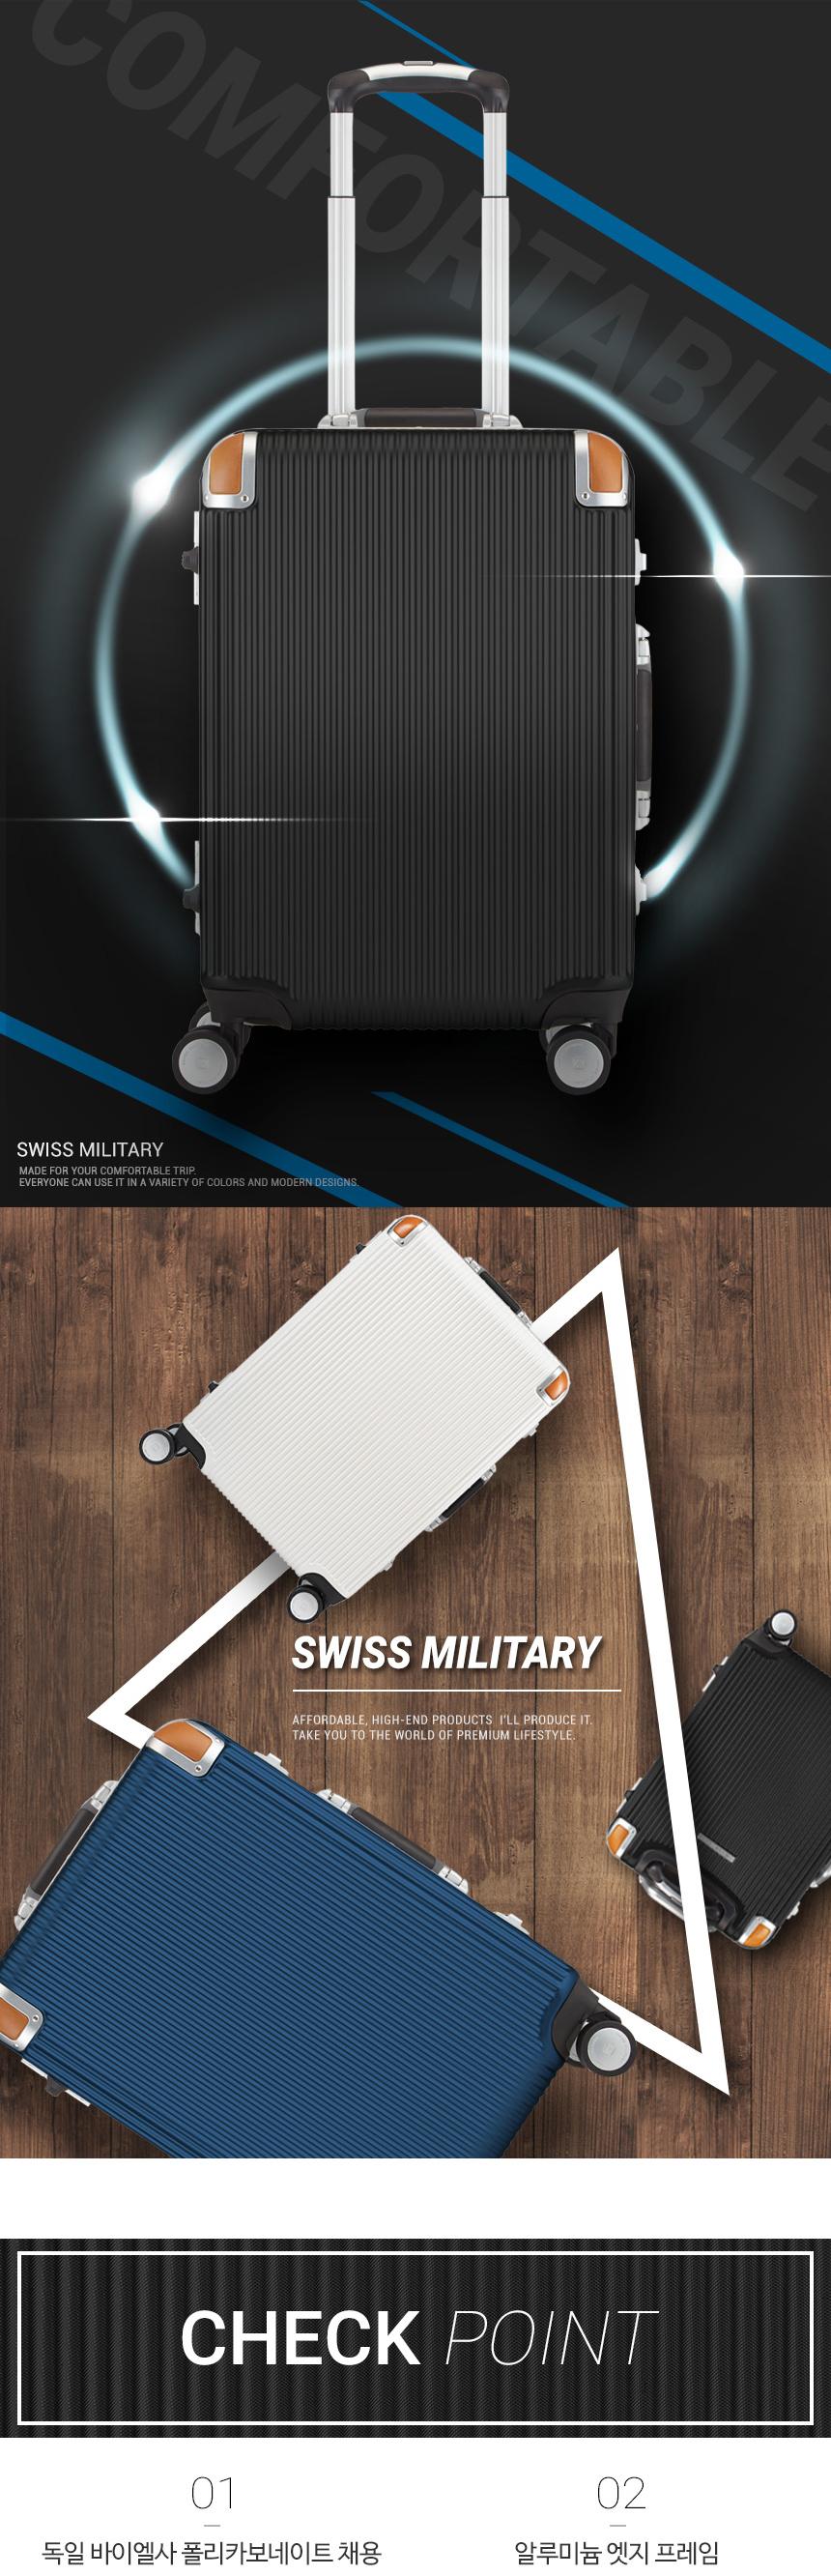 스위스 밀리터리 캐리어 트래블(SWISS MILITARY CARRIER TRAVEL) 여행용캐리어 TSA락 확장형 2중안전지퍼 수화물용 여행가방 26인치 포트리스SM-M726